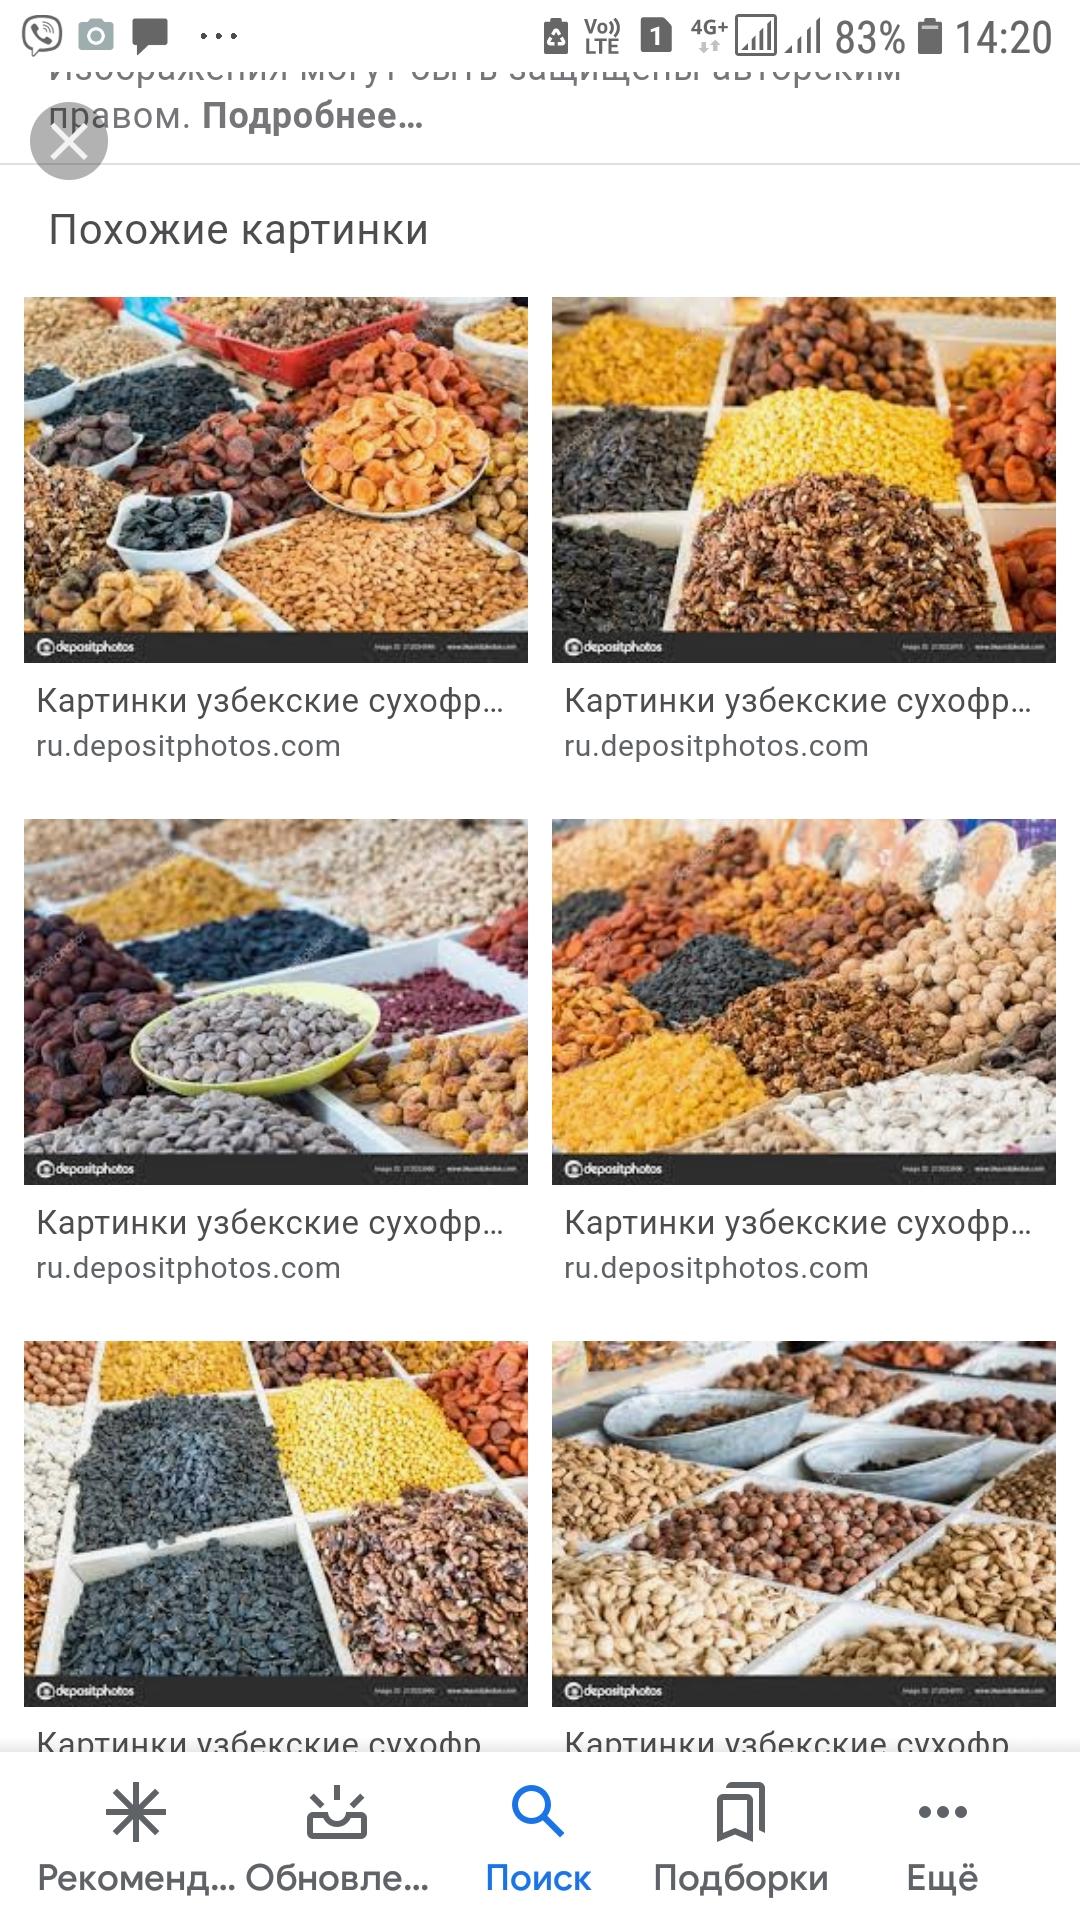 <p>ищу сухофрукты&nbsp;по оптовым ценам&nbsp; (грецкий орех, курага, фундук, миндаль, изюм, фисташки, кешью, финики, чернослив,инжир, цукаты и тд их много)&nbsp;500 кг</p>